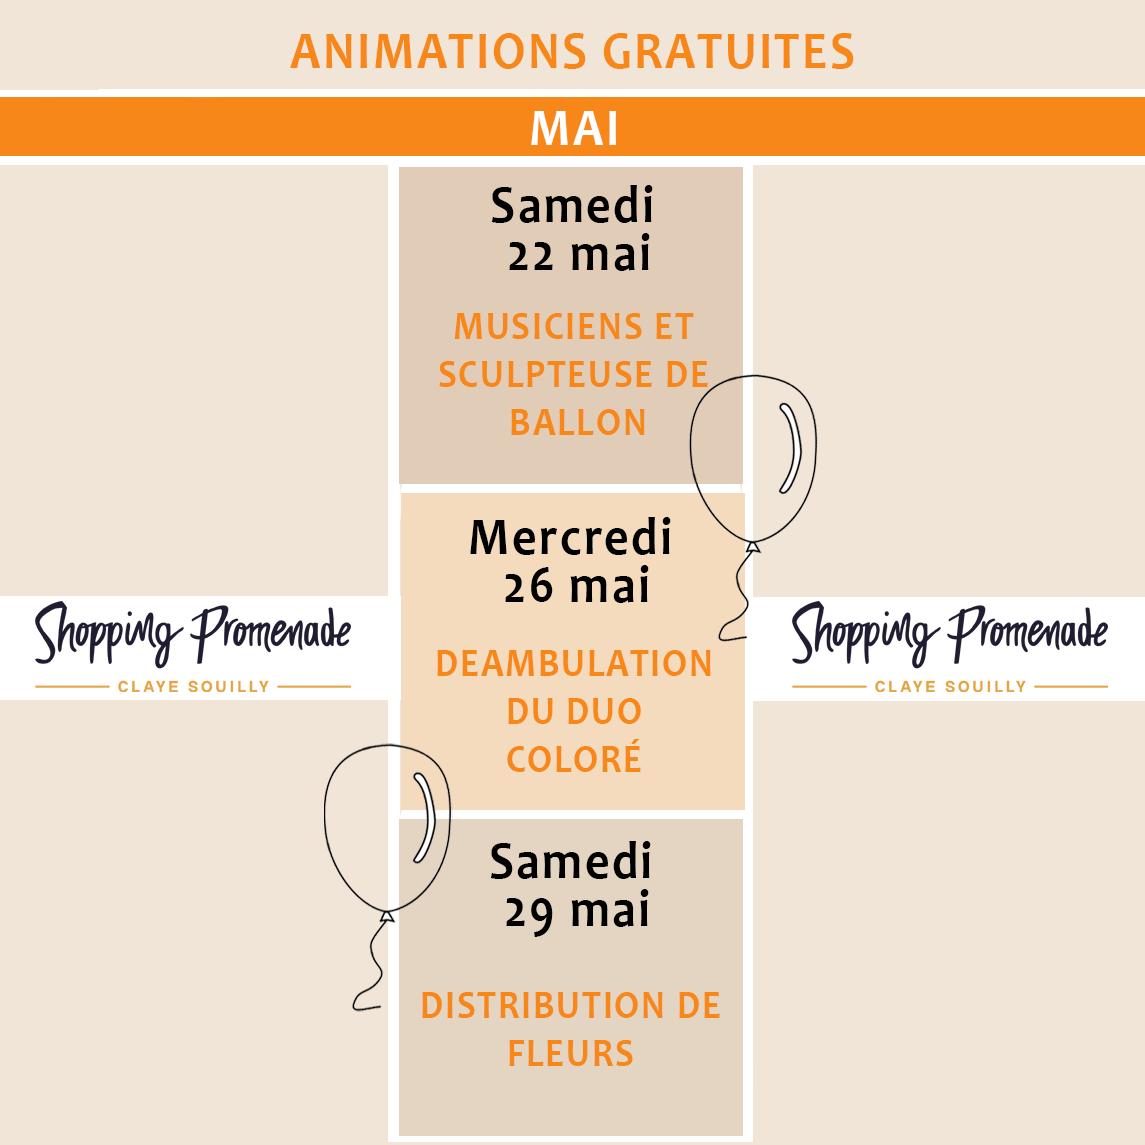 Animations gratuites du mois de mai